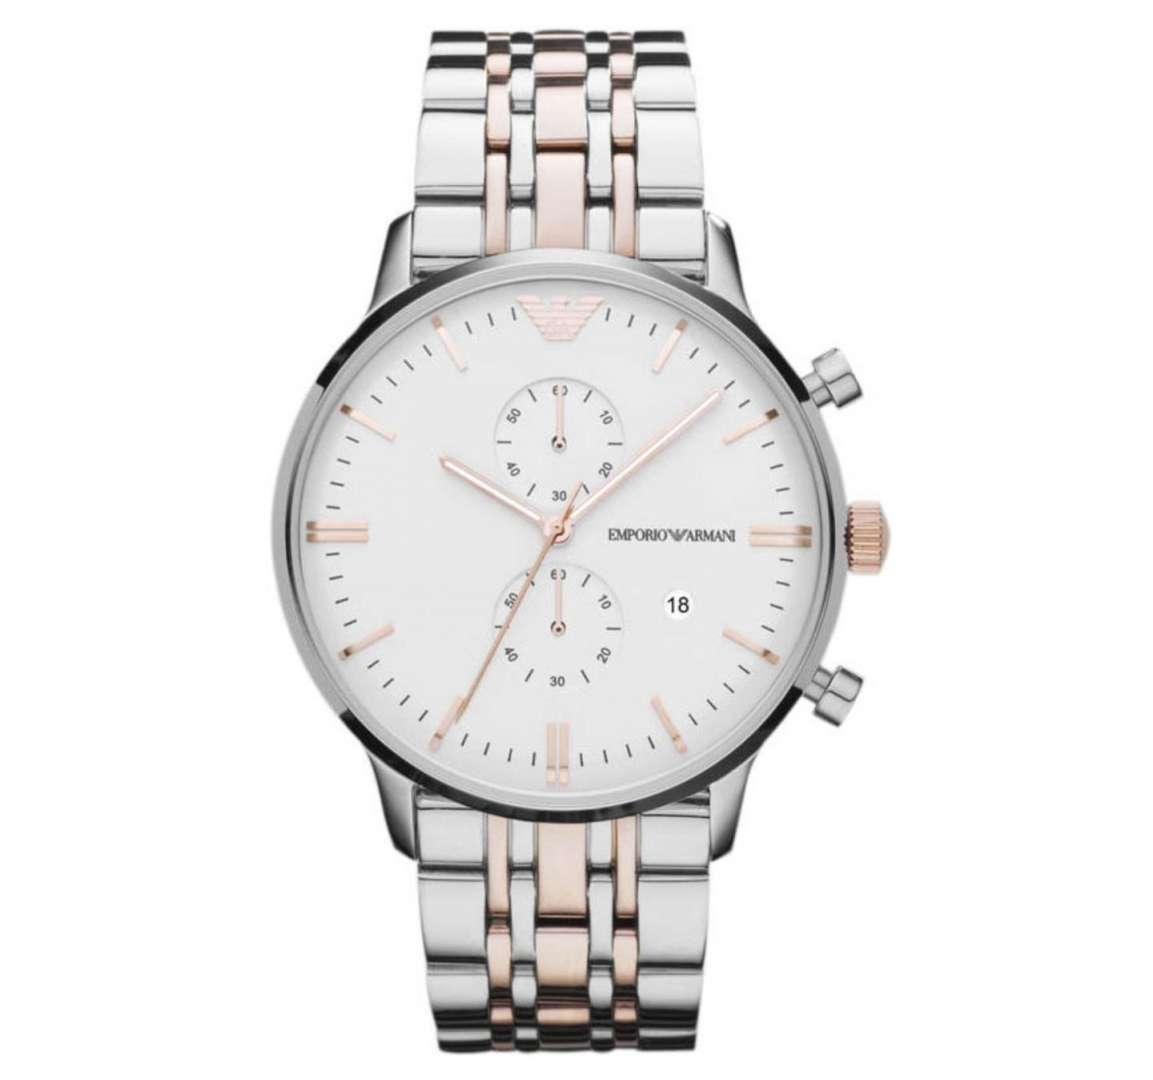 שעון יד אנלוגי לגבר emporio armani ar0399 אמפוריו ארמני